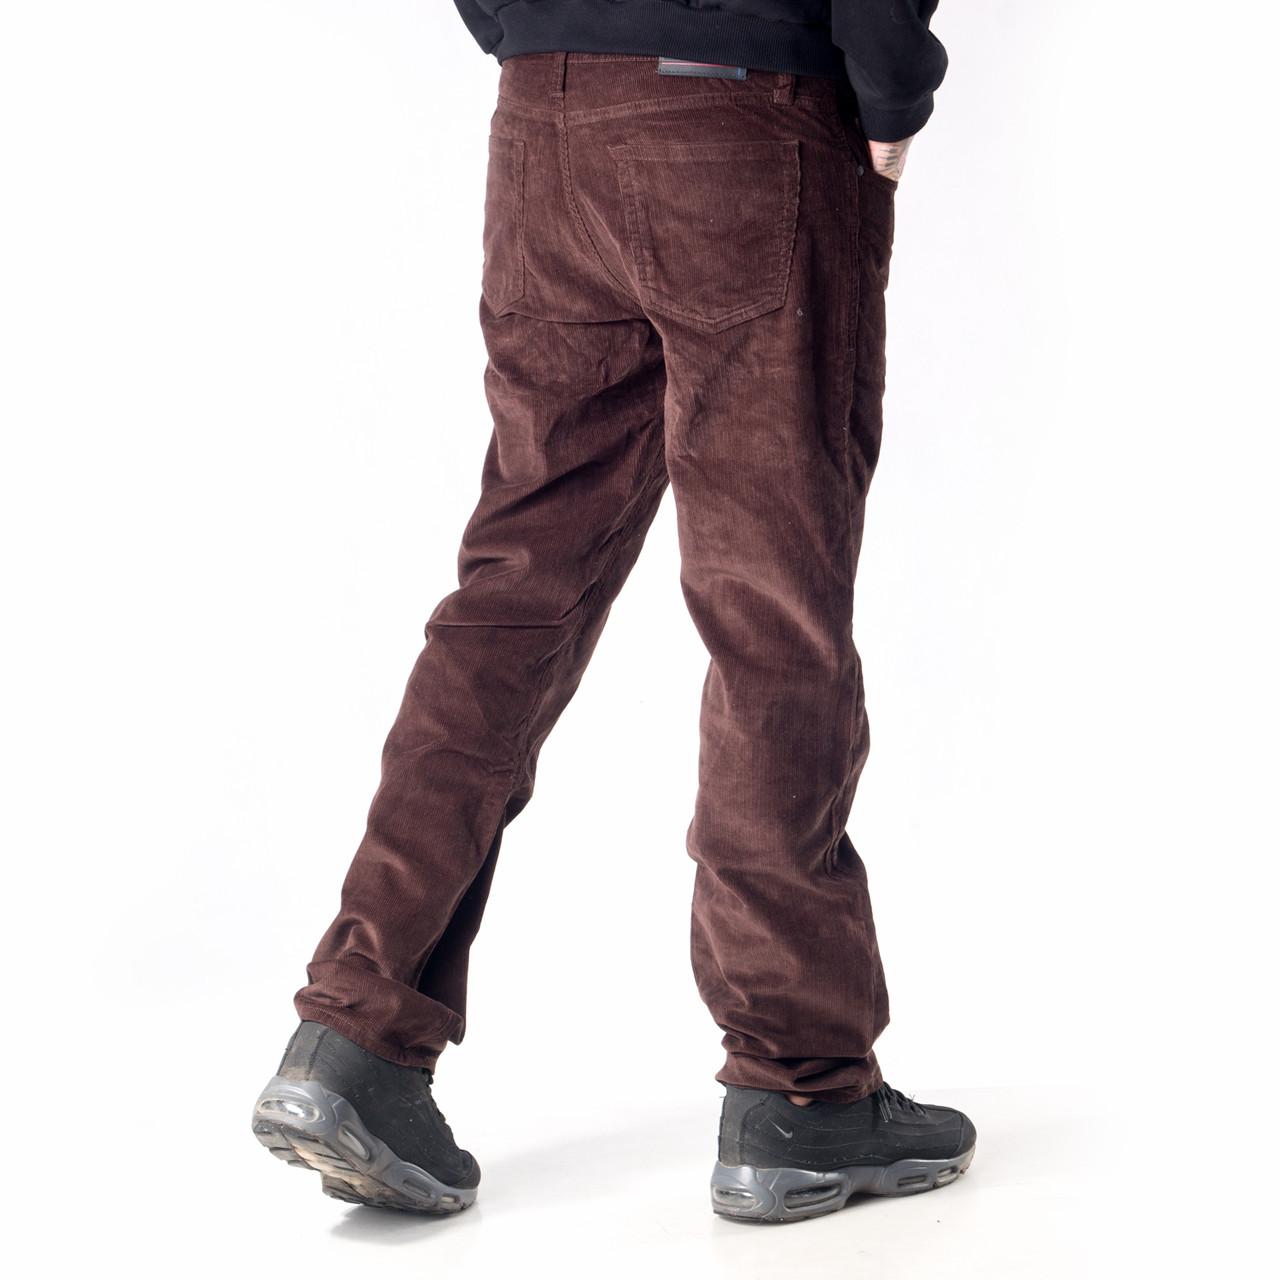 3eb81cb2c7e Купить джинсы вельветовые мужские коричневые и чёрные в украине(Киев ...